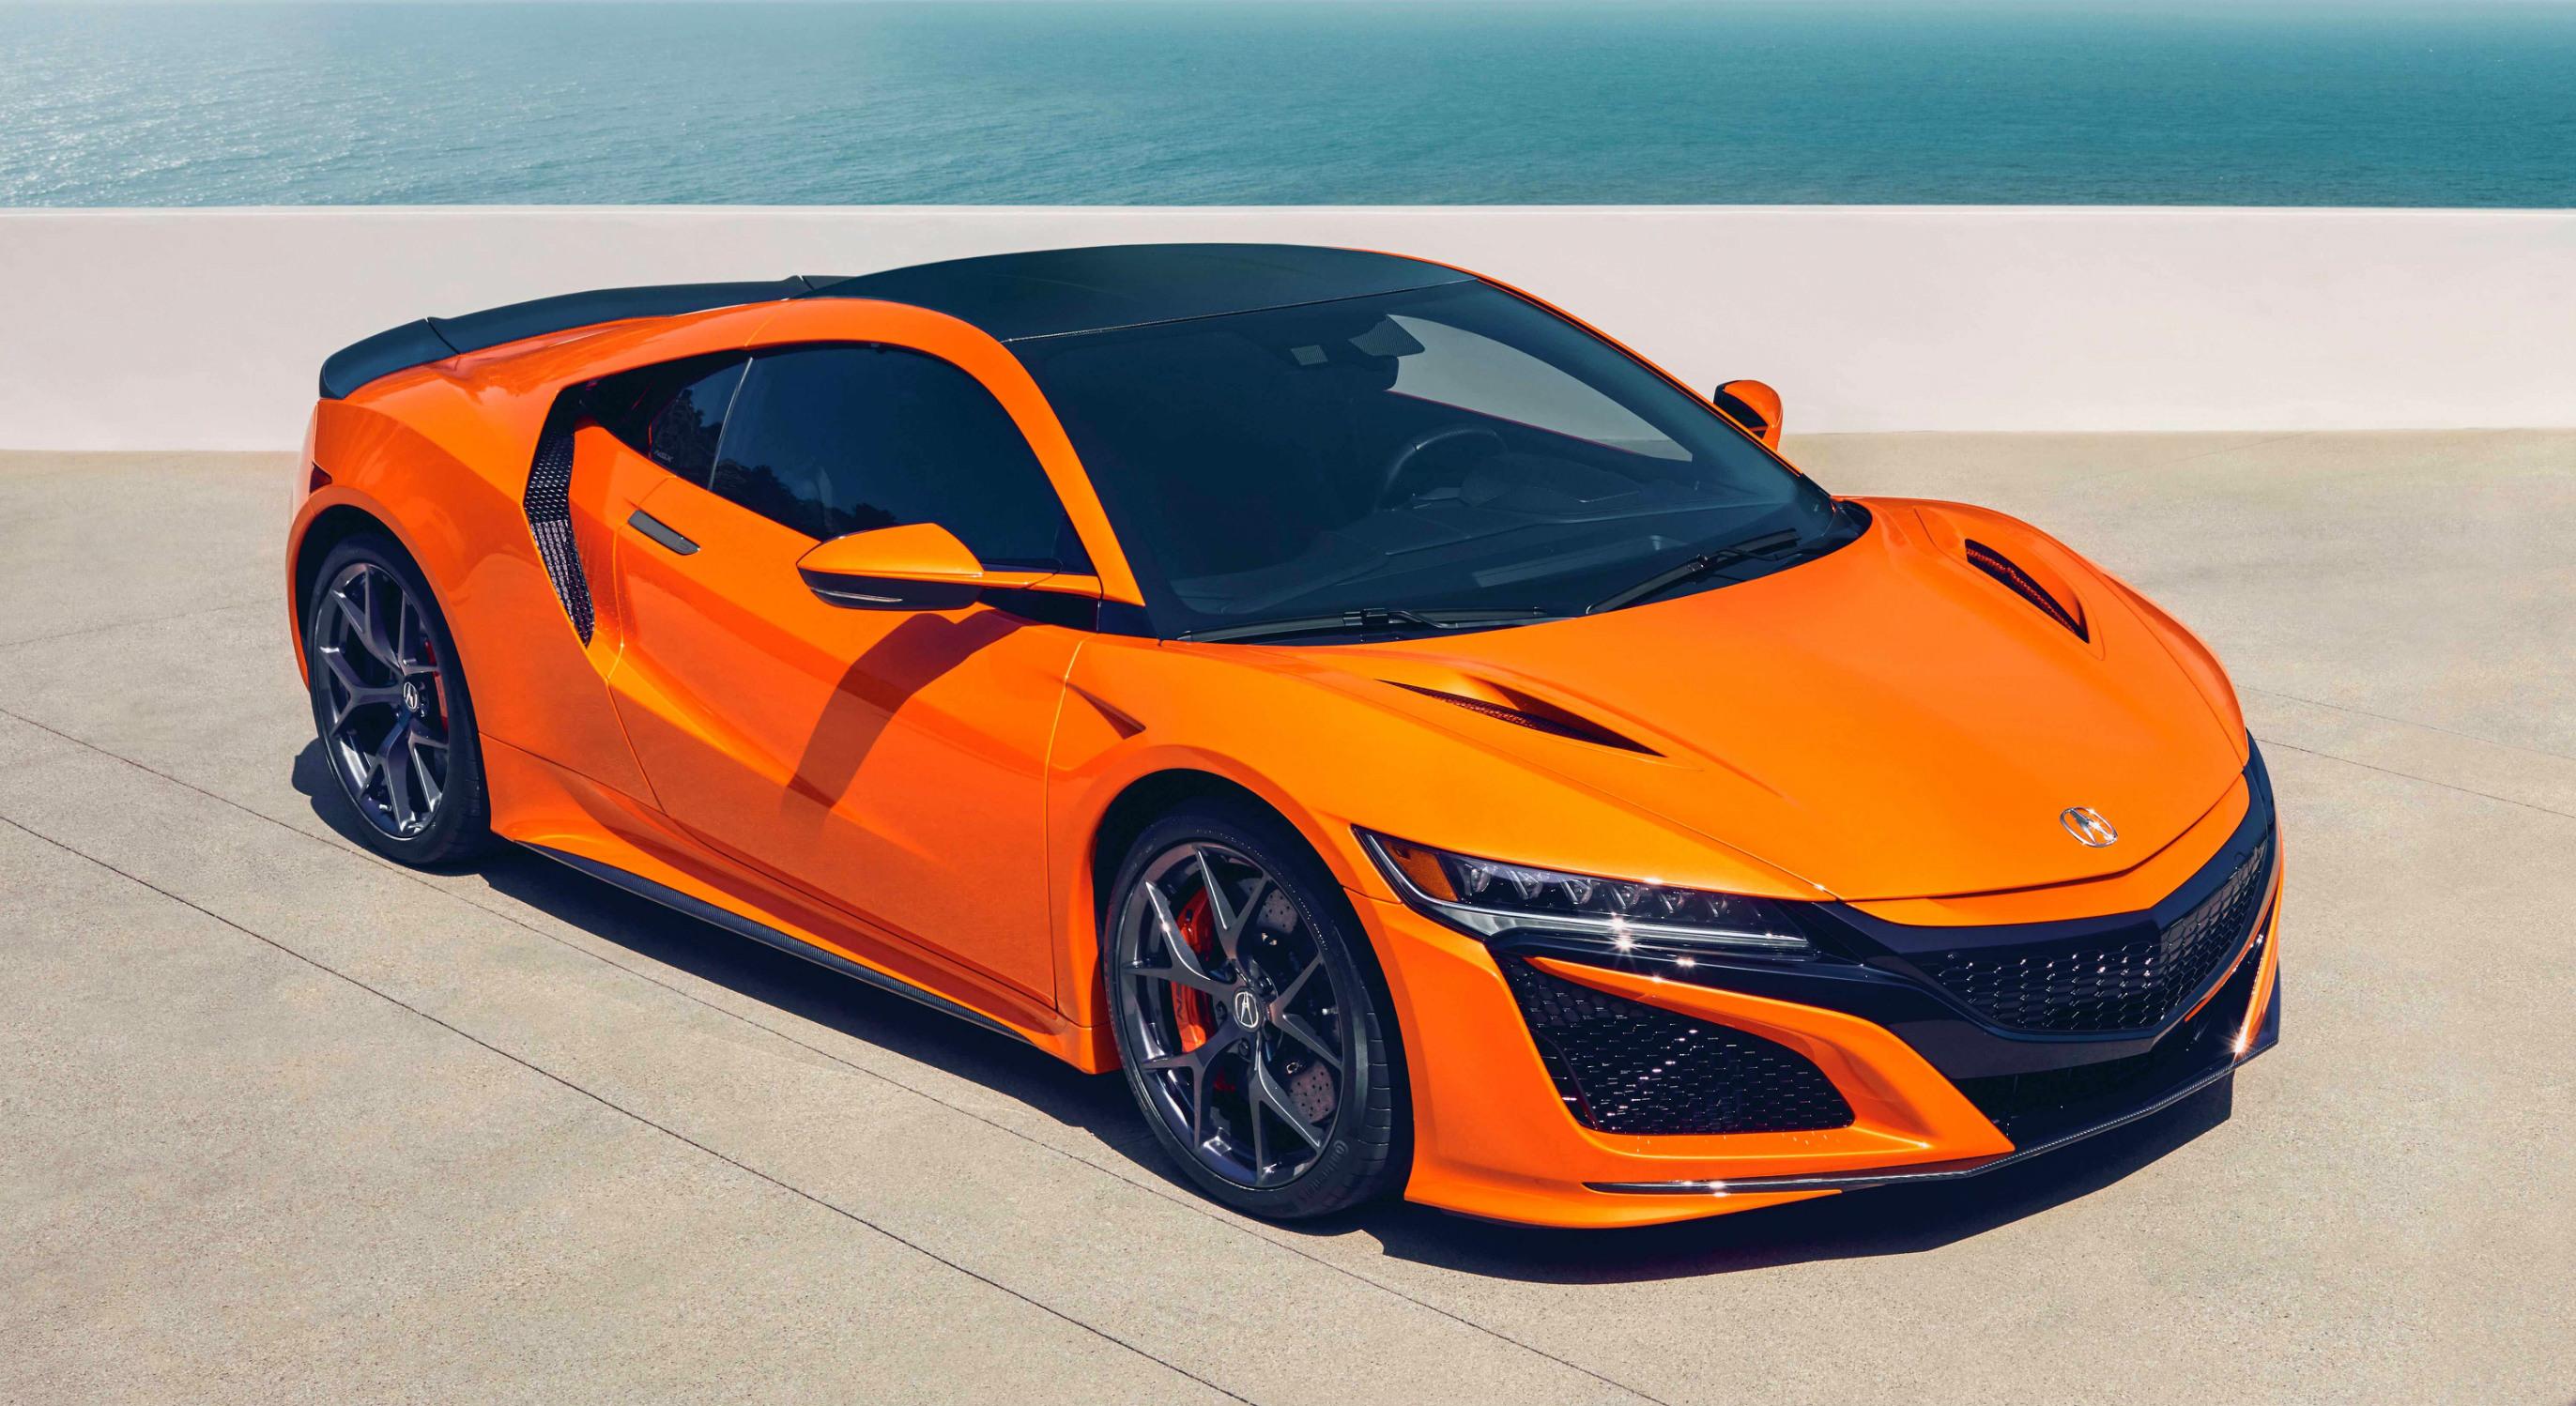 Honda Enhances Nsx Hybrid Supercar